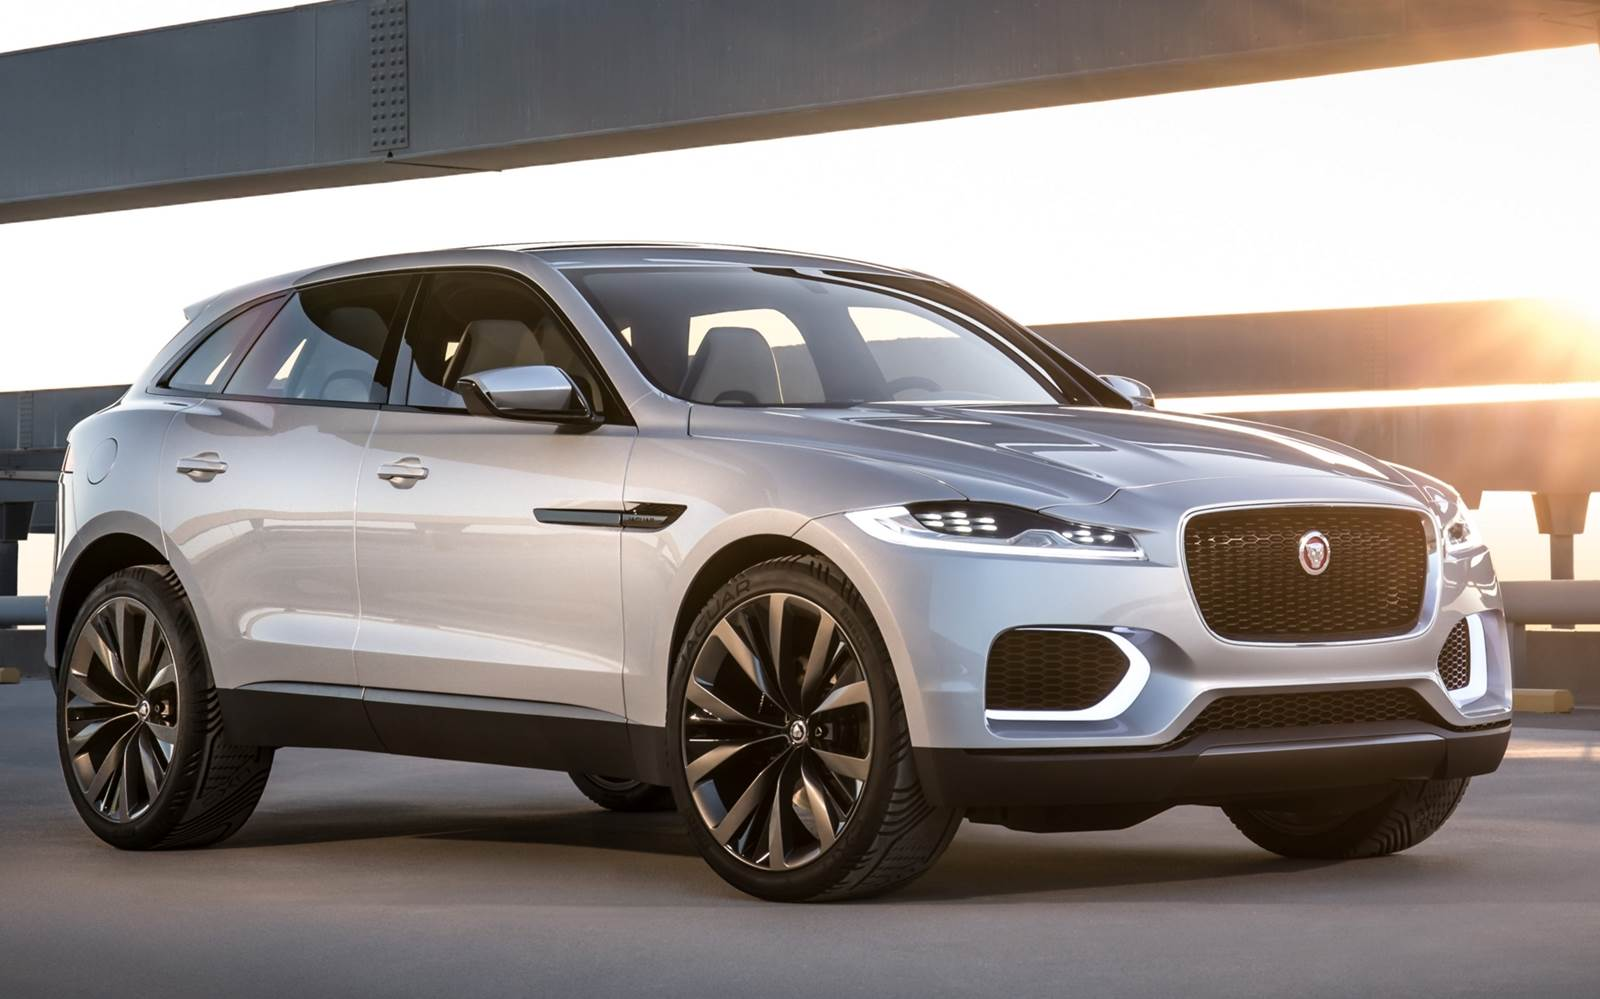 Jaguar F-Pace: SUV chega em 2016 para encarar o BMW X3 | CAR.BLOG.BR